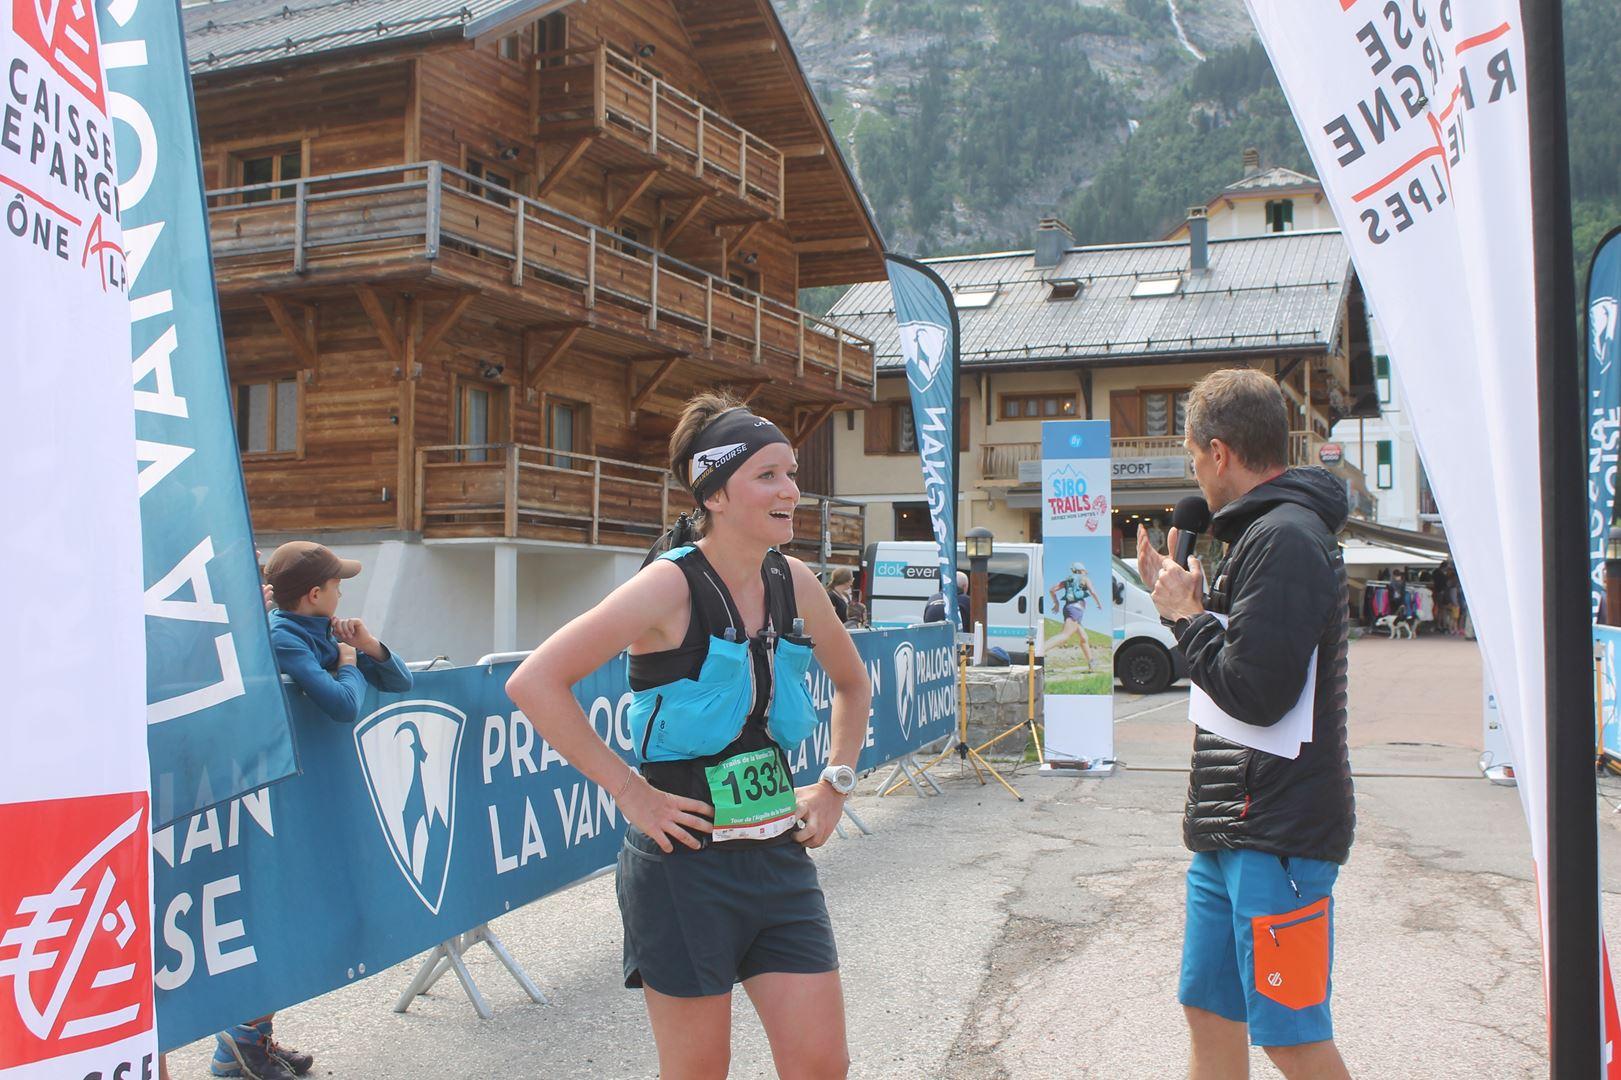 ARRIVE DELAS NODET 1ere femme di 15km - BENJAMIN DAVID S'IMPOSE SUR LE TOUR DES GLACIERS DE LA VANOISE !  PRALOGNAN 07/07/2019